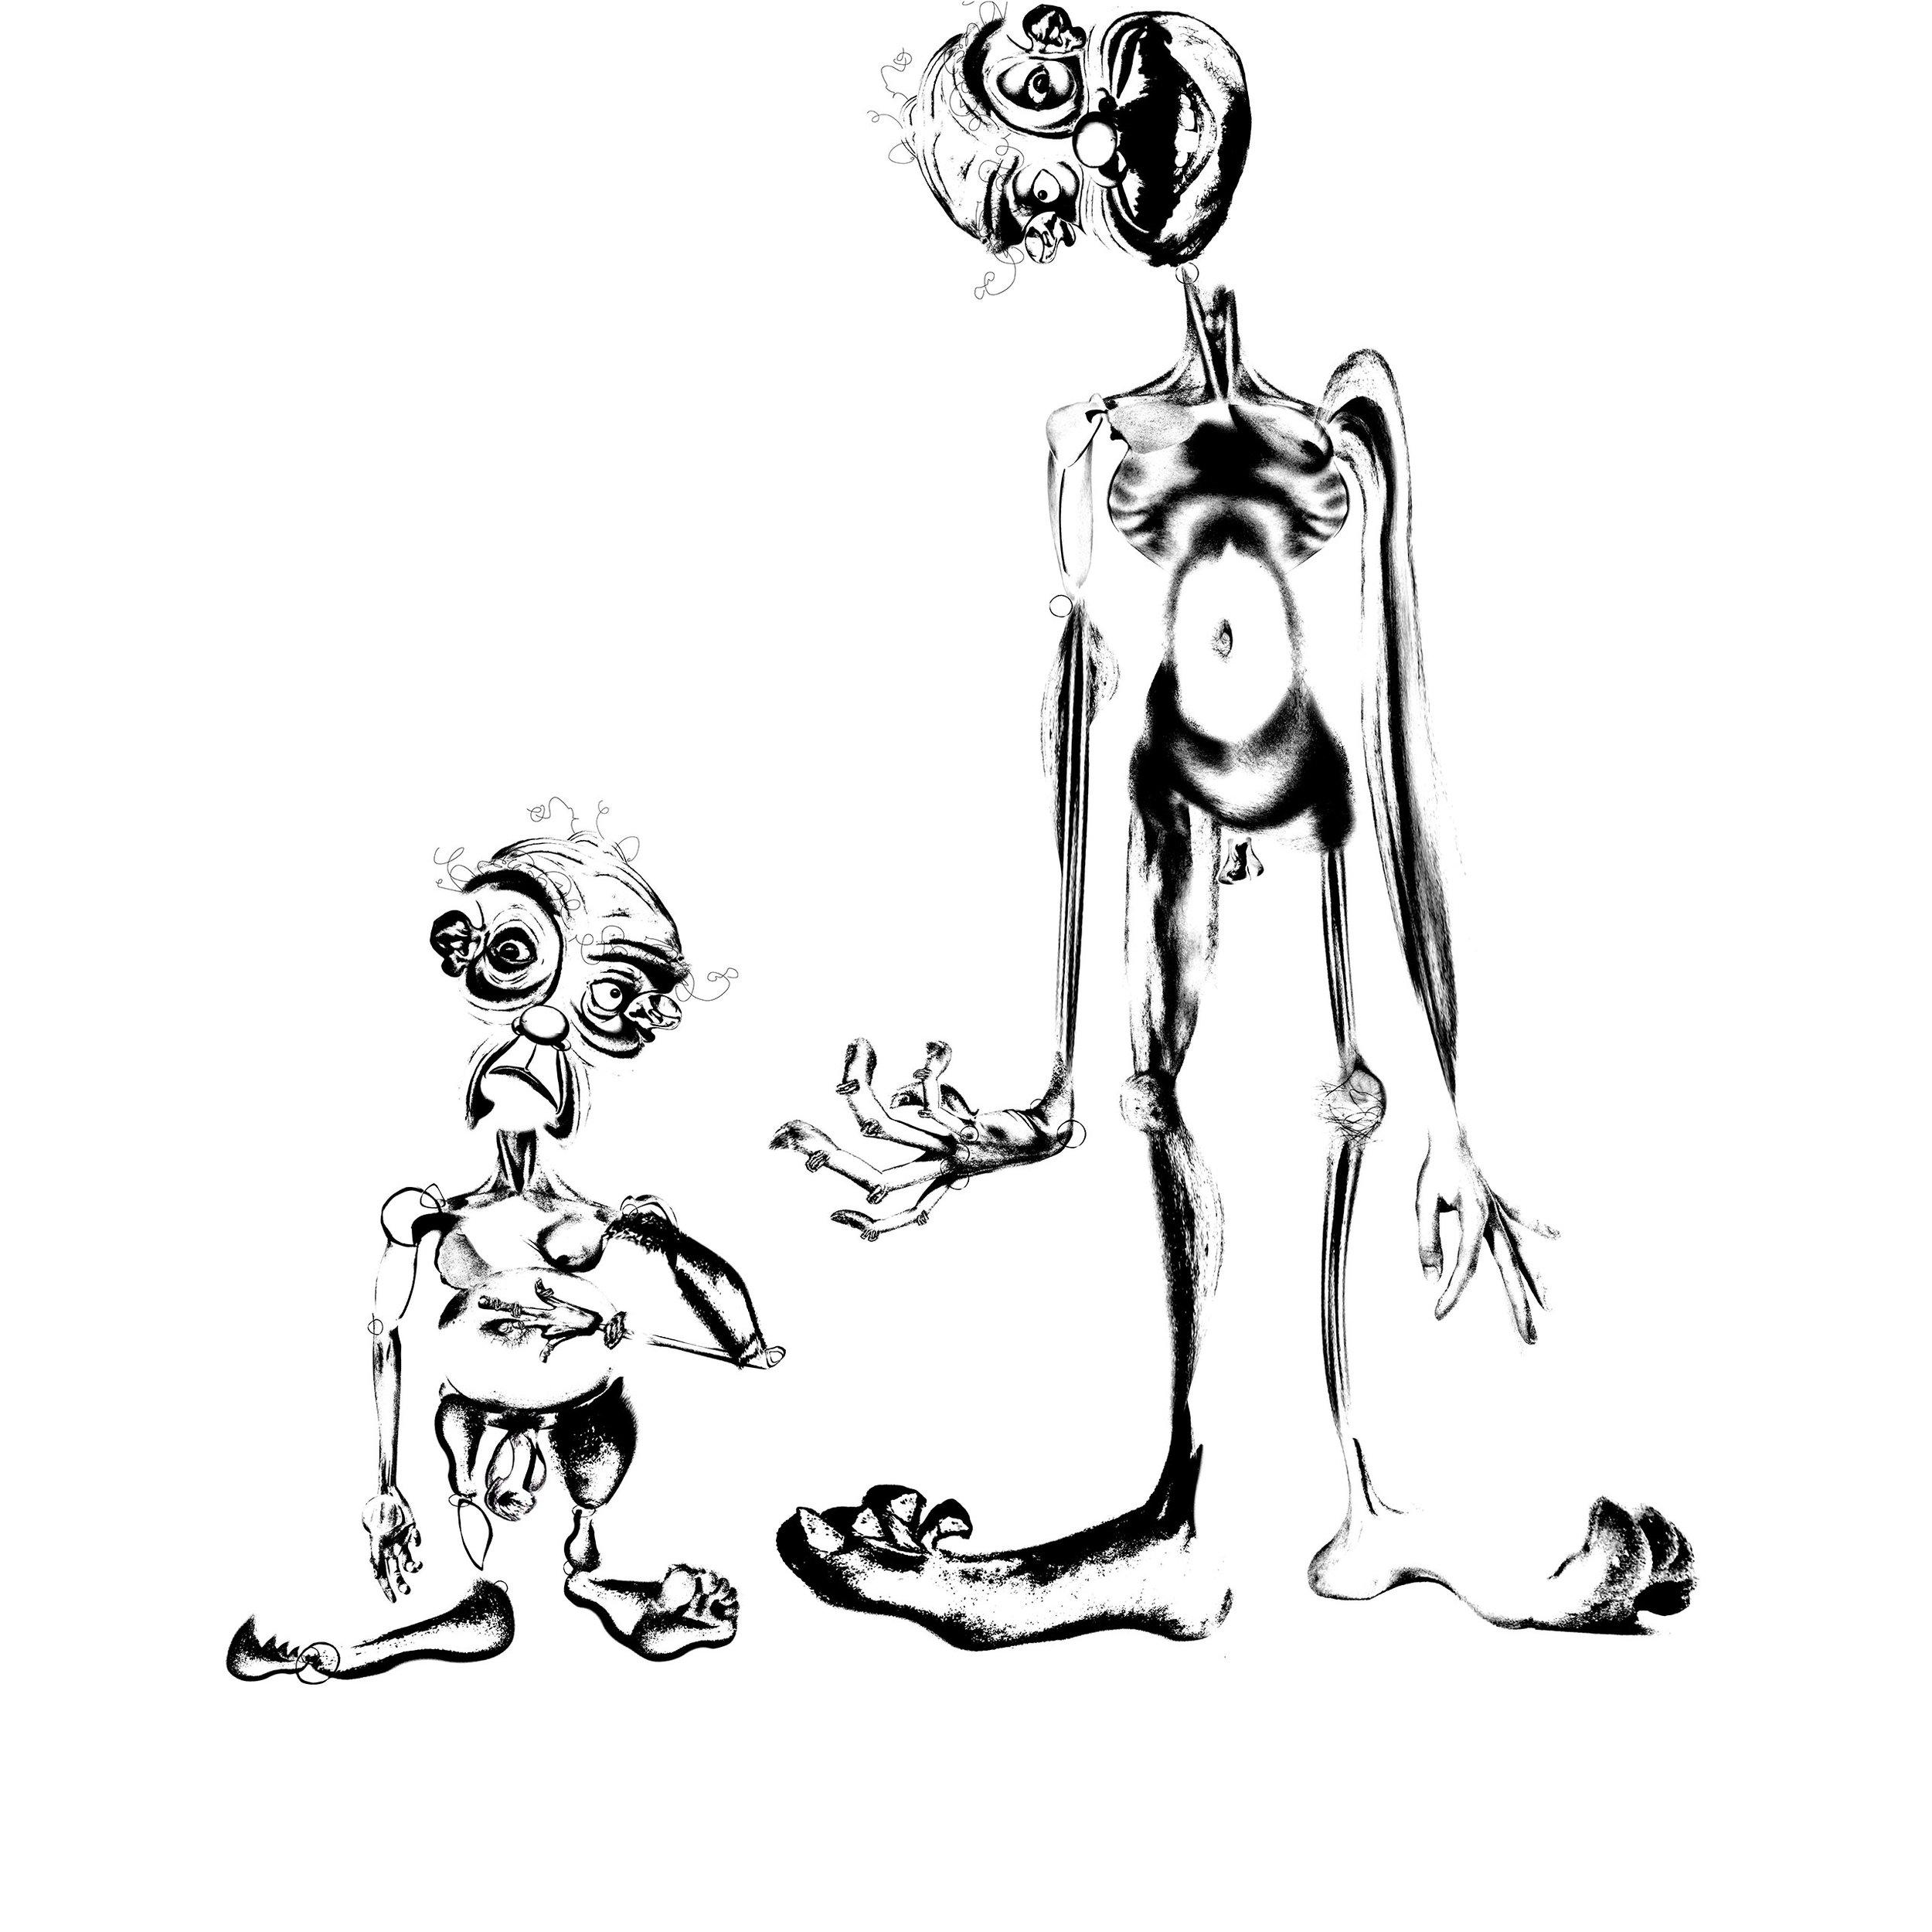 Little-Man-Tall-Man.jpg